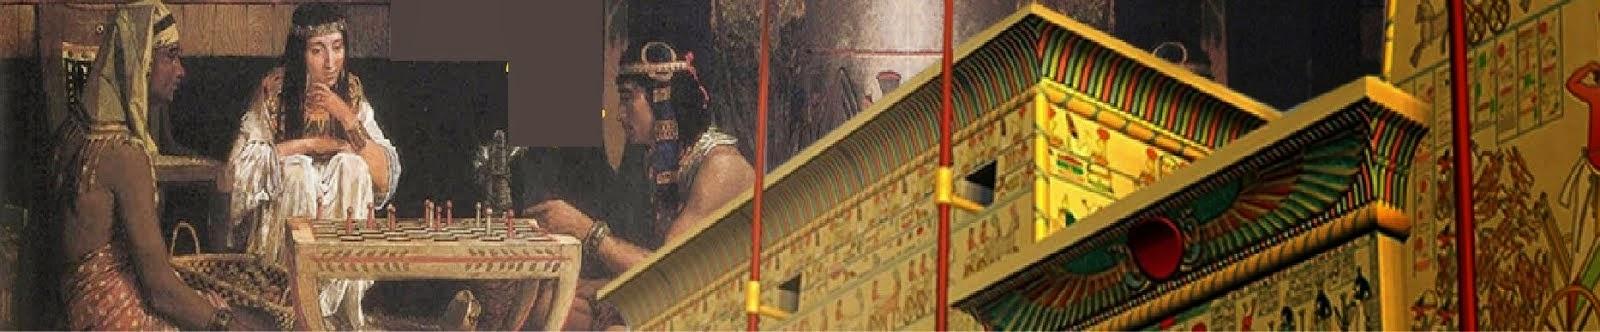 O Egipto Mágico